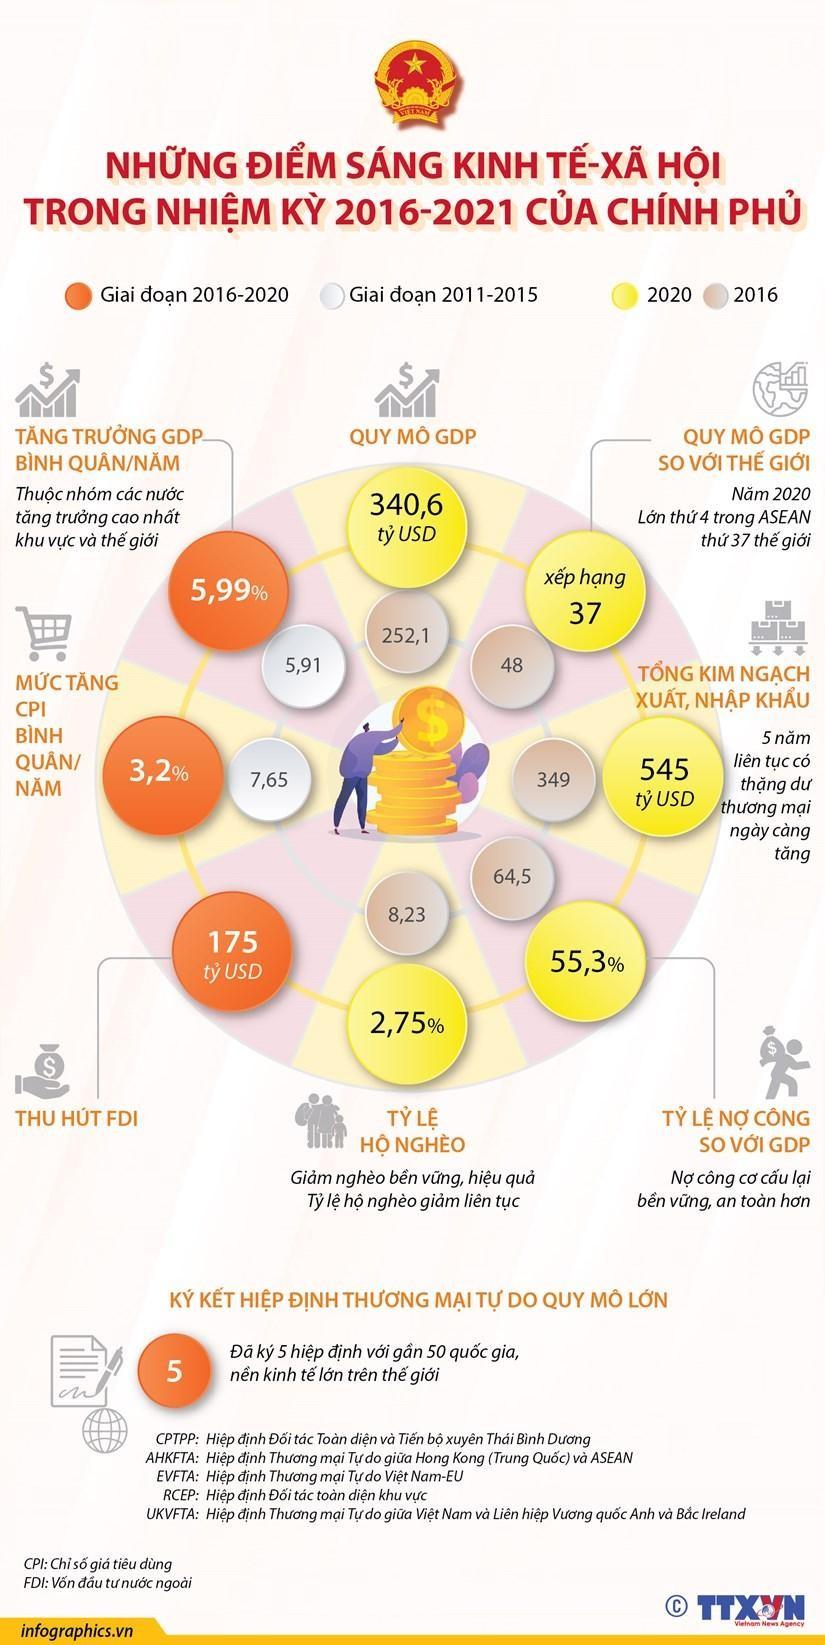 Những điểm sáng kinh tế-xã hội trong nhiệm kỳ 2016-2021 của Chính phủ ảnh 1